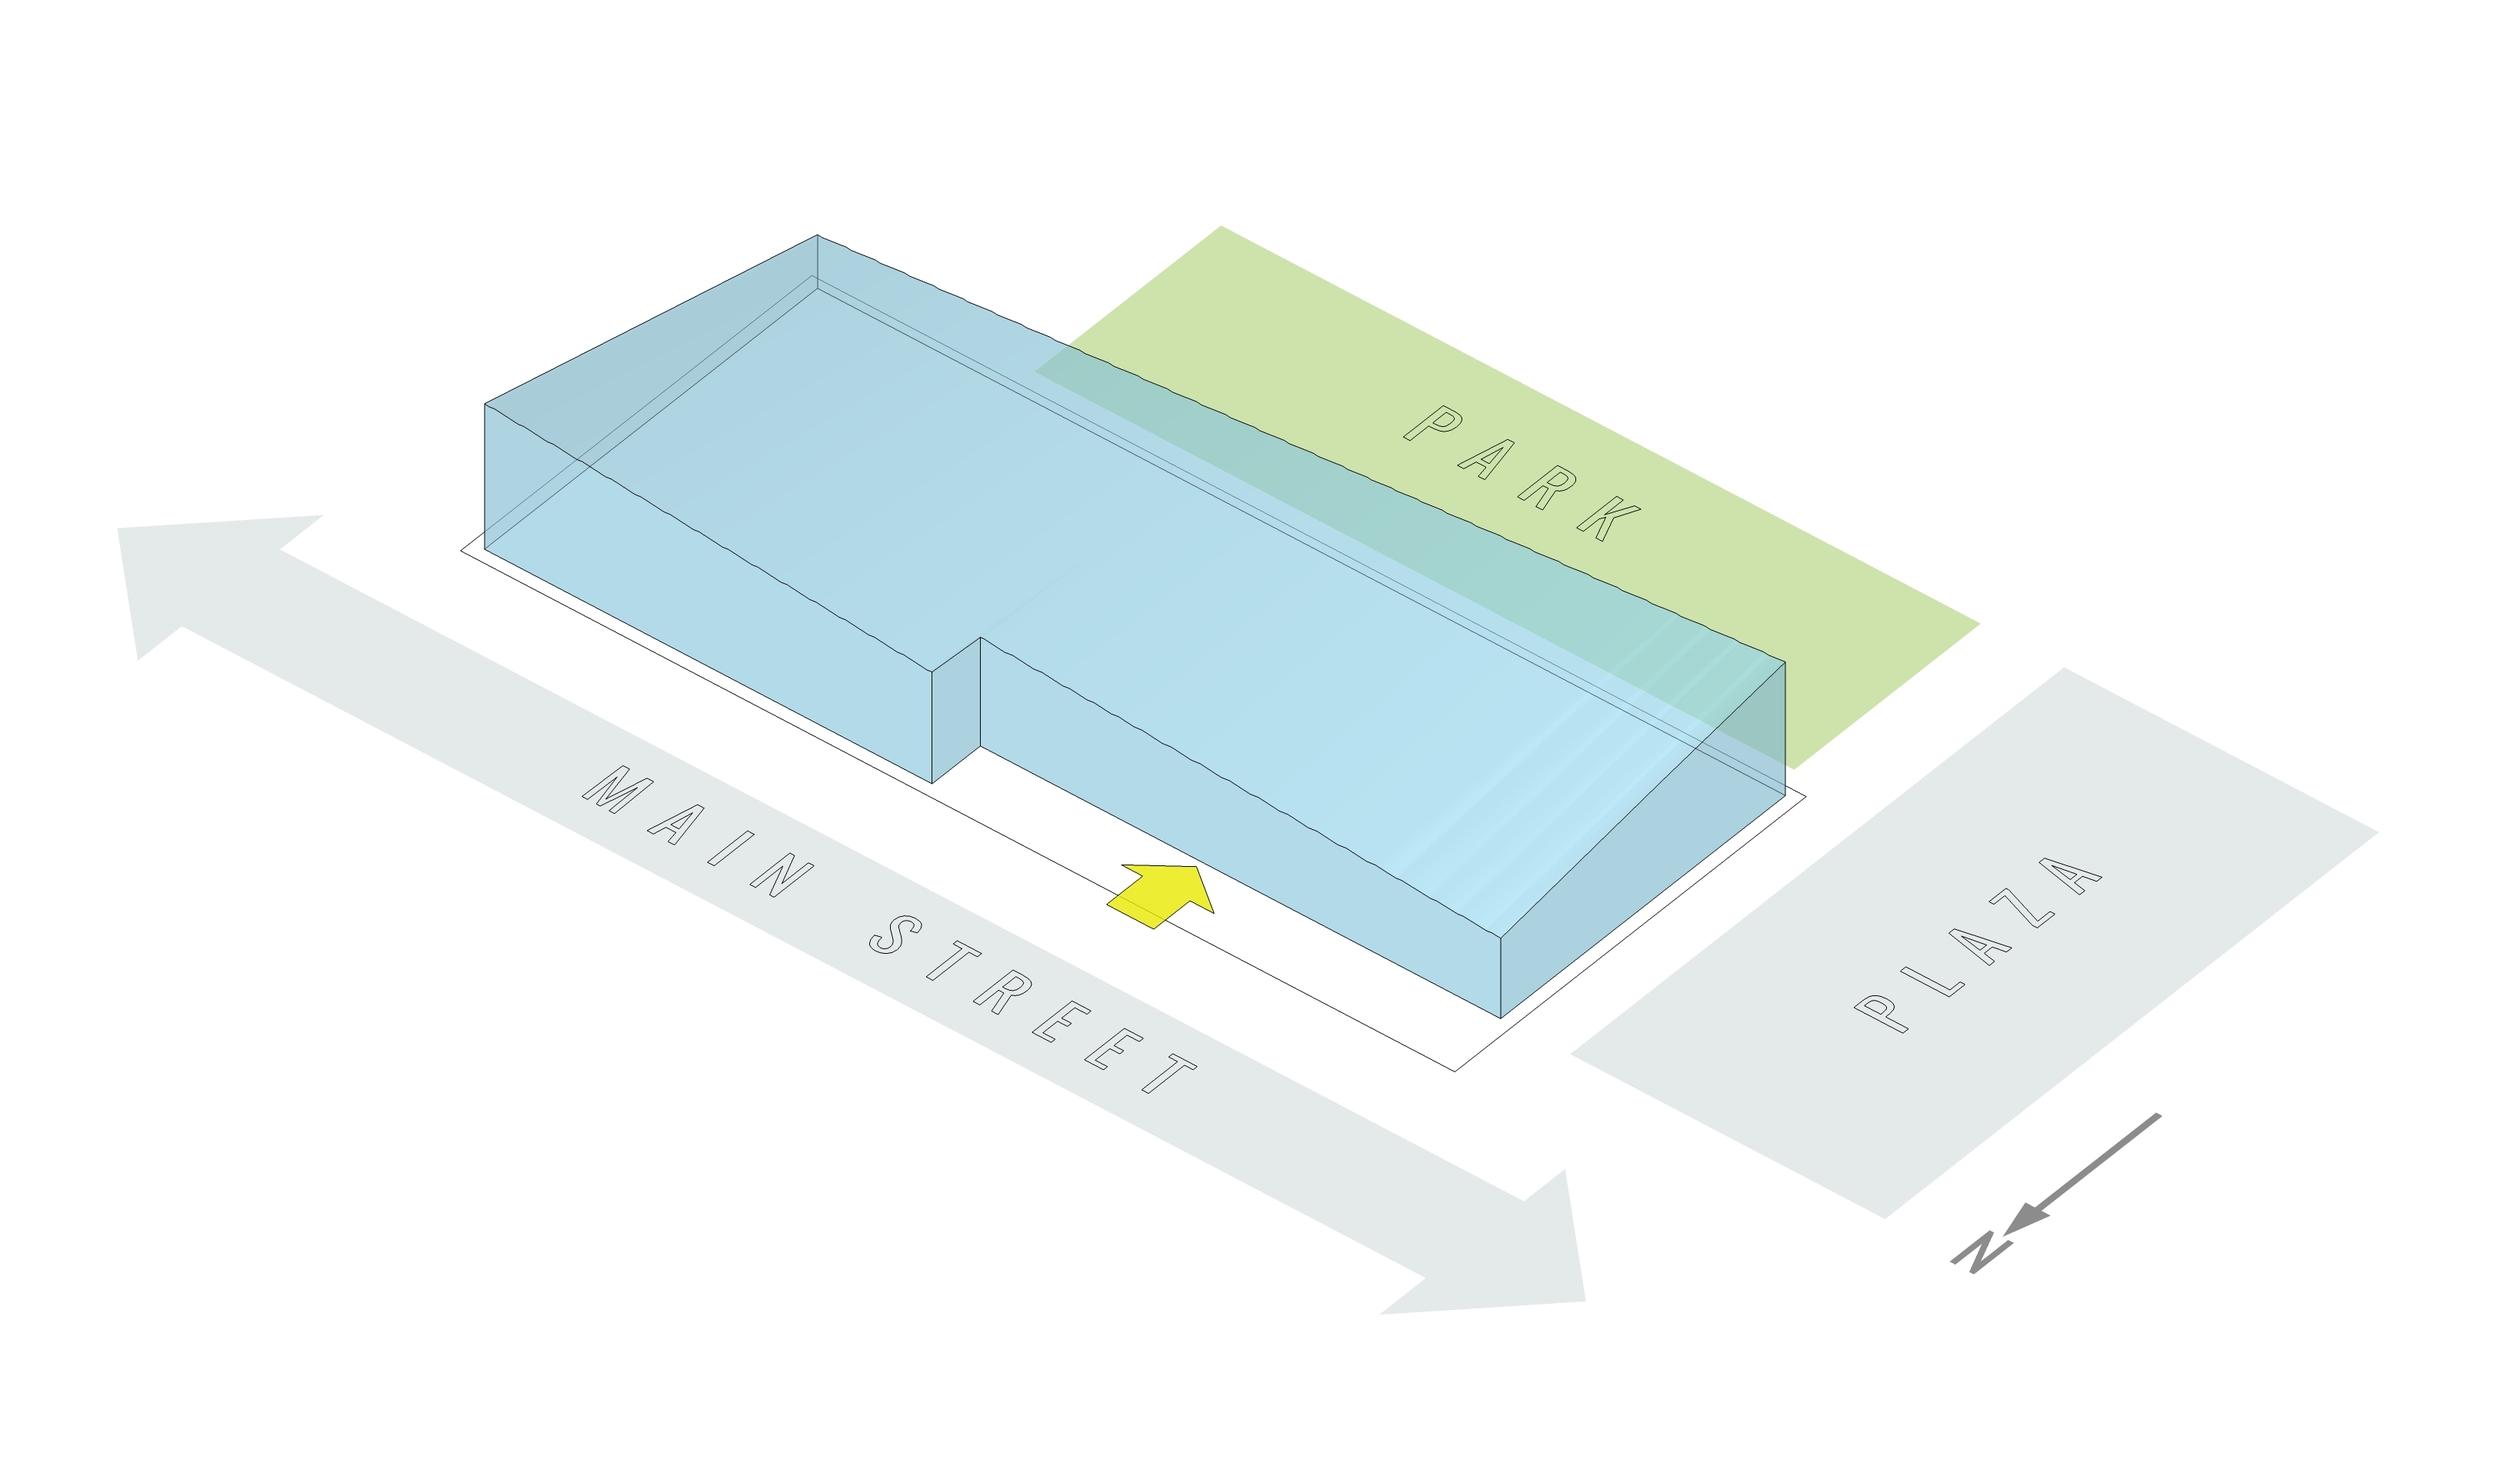 OSL - Massing Diagram 03.jpg